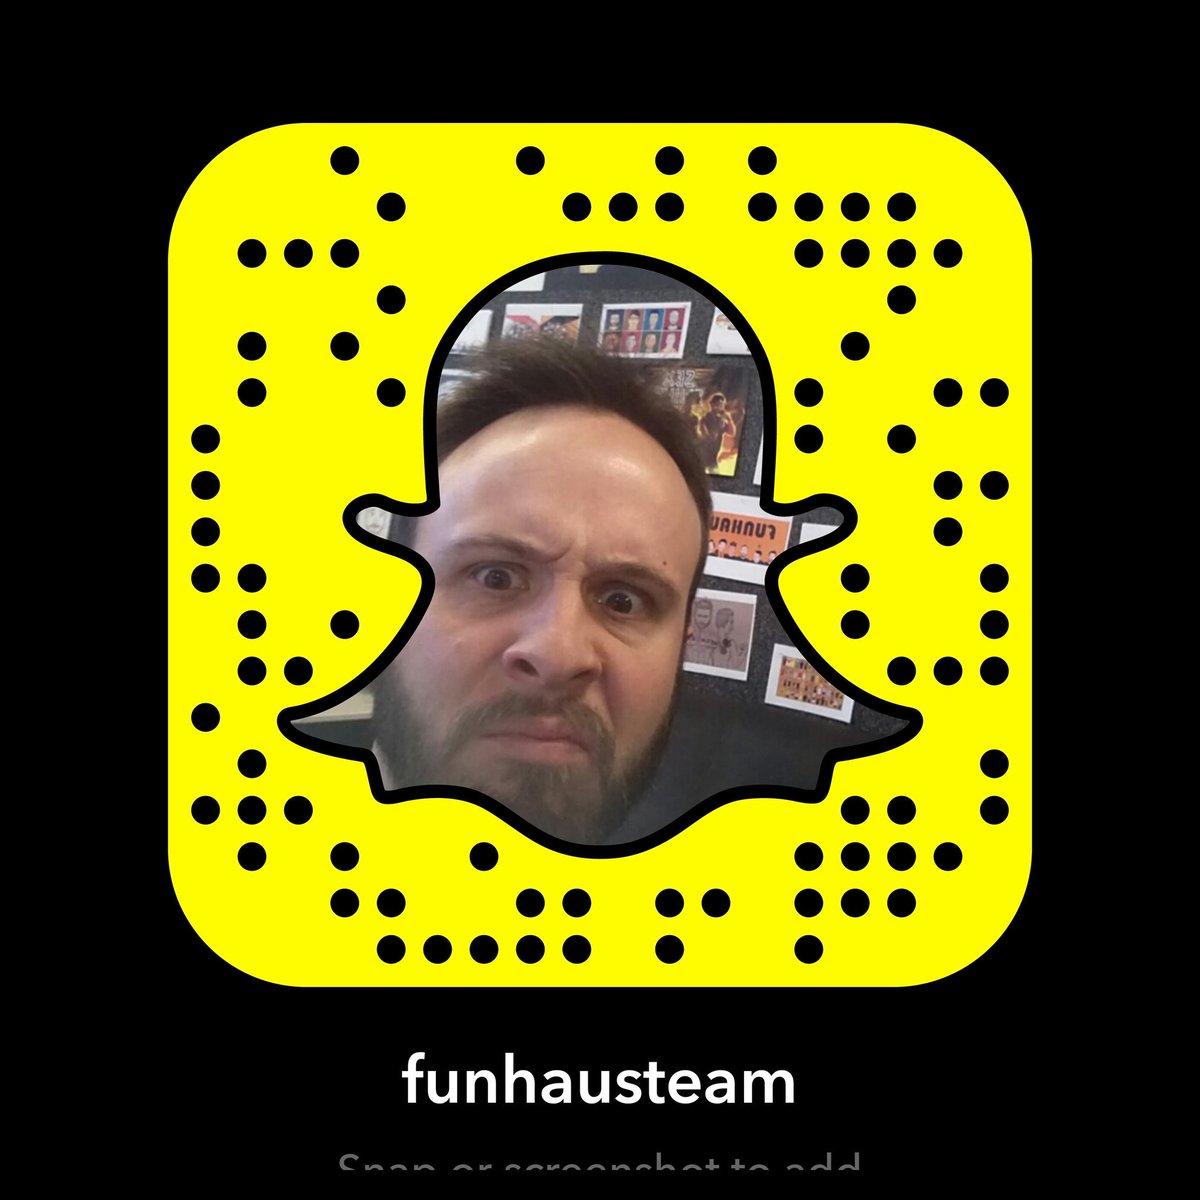 Funhaus snapchat